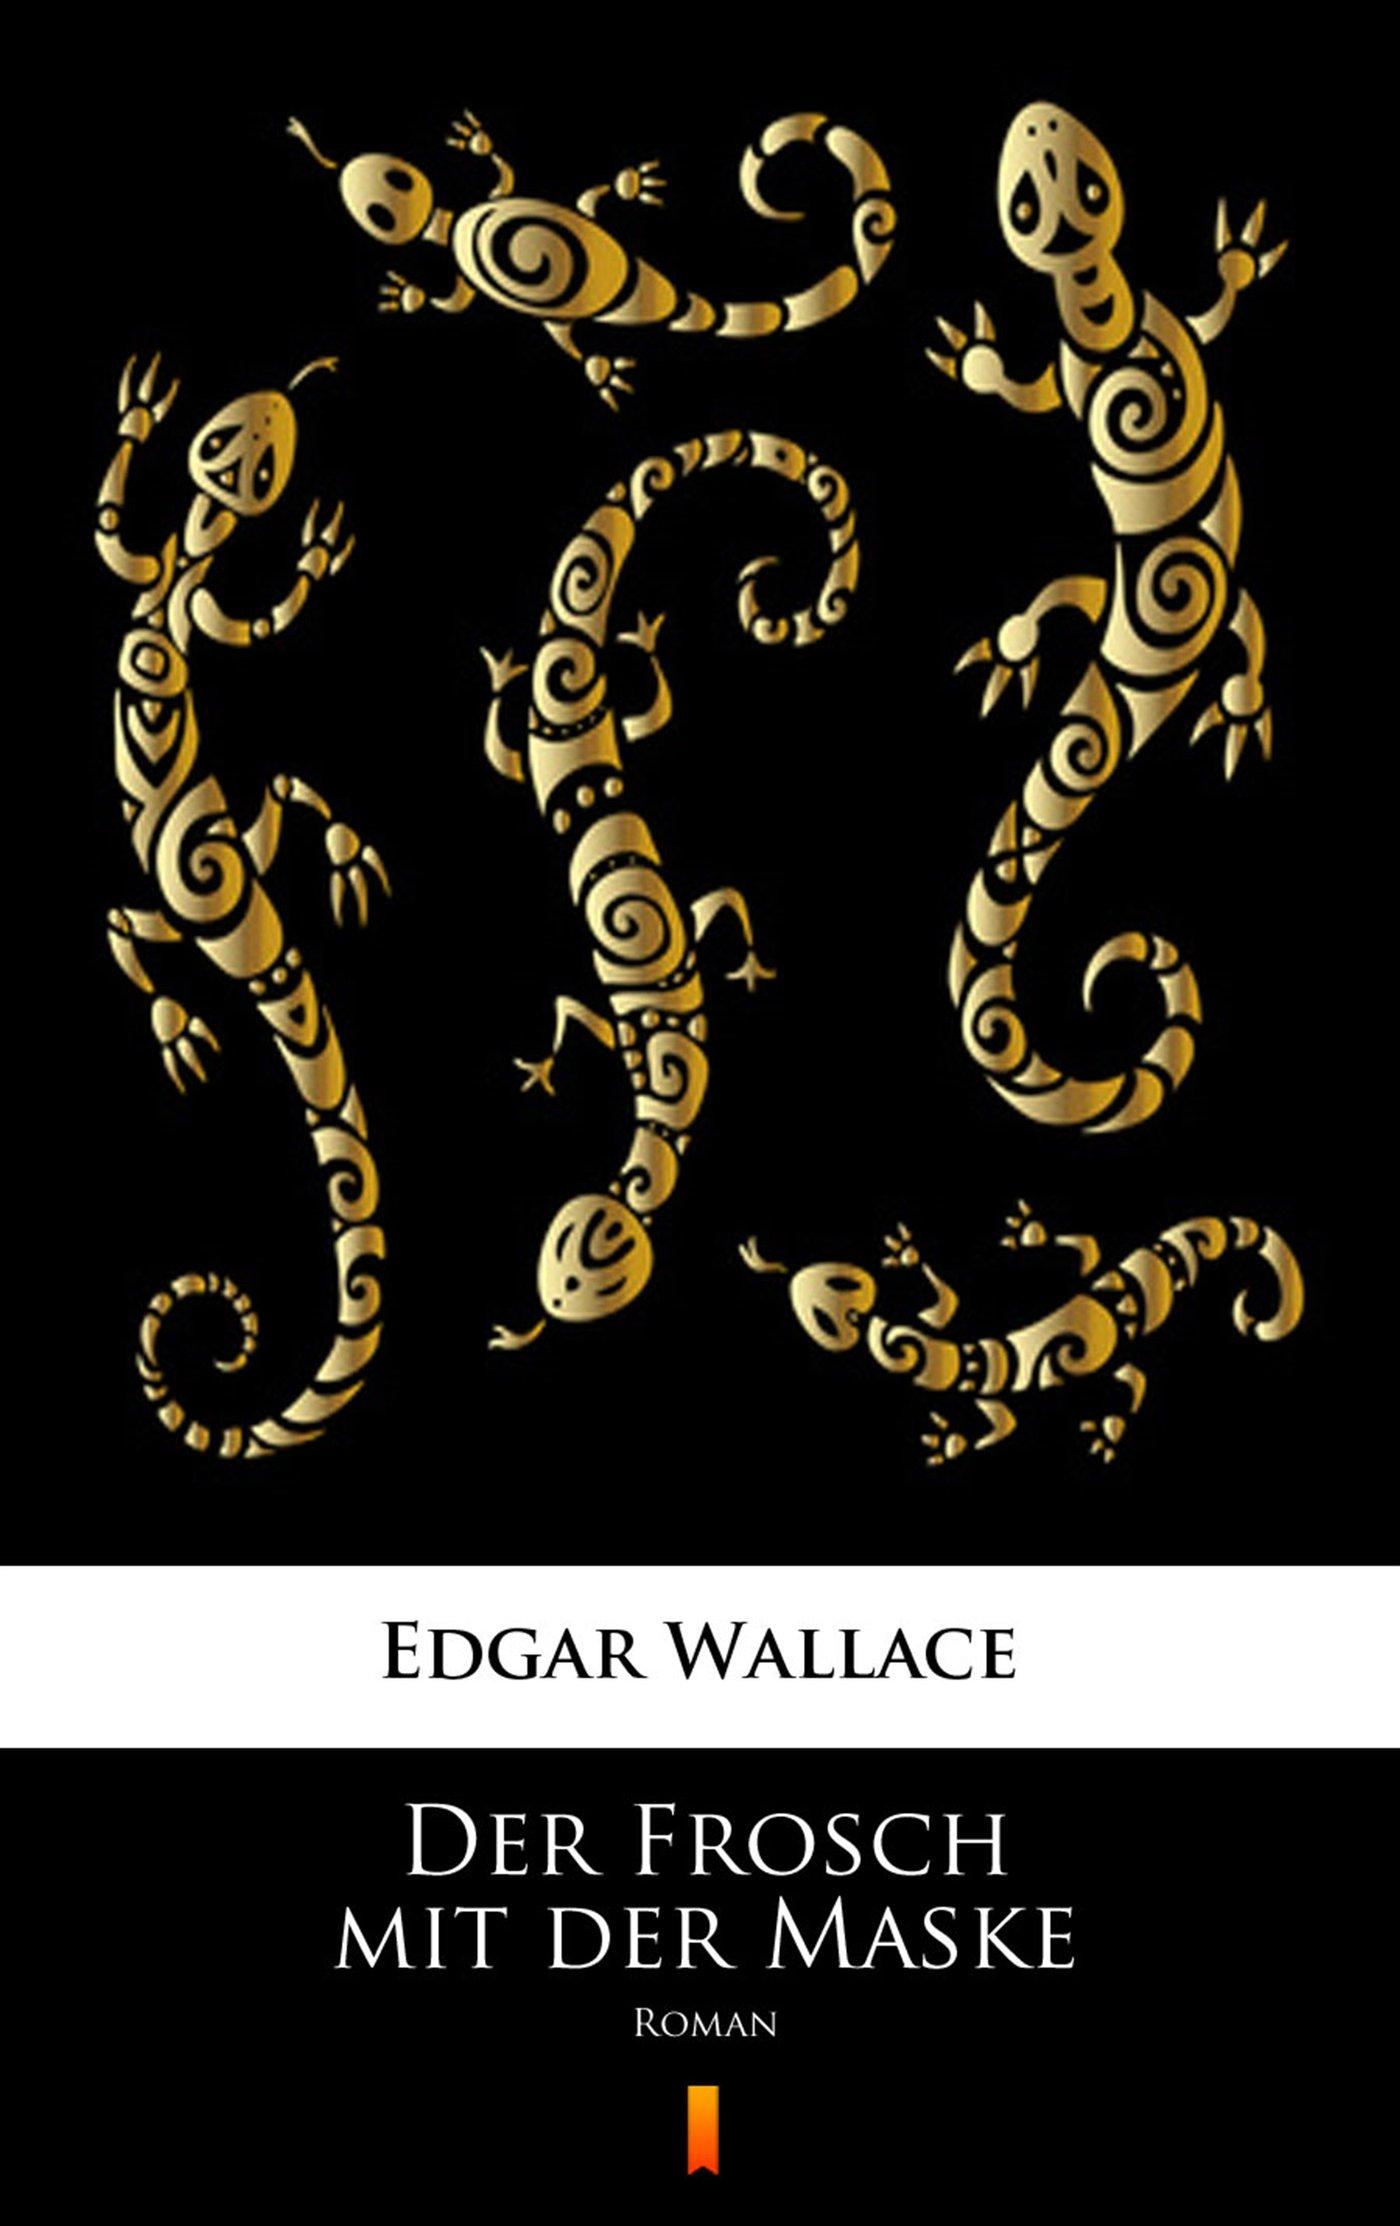 Der Frosch mit der Maske - Ebook (Książka na Kindle) do pobrania w formacie MOBI